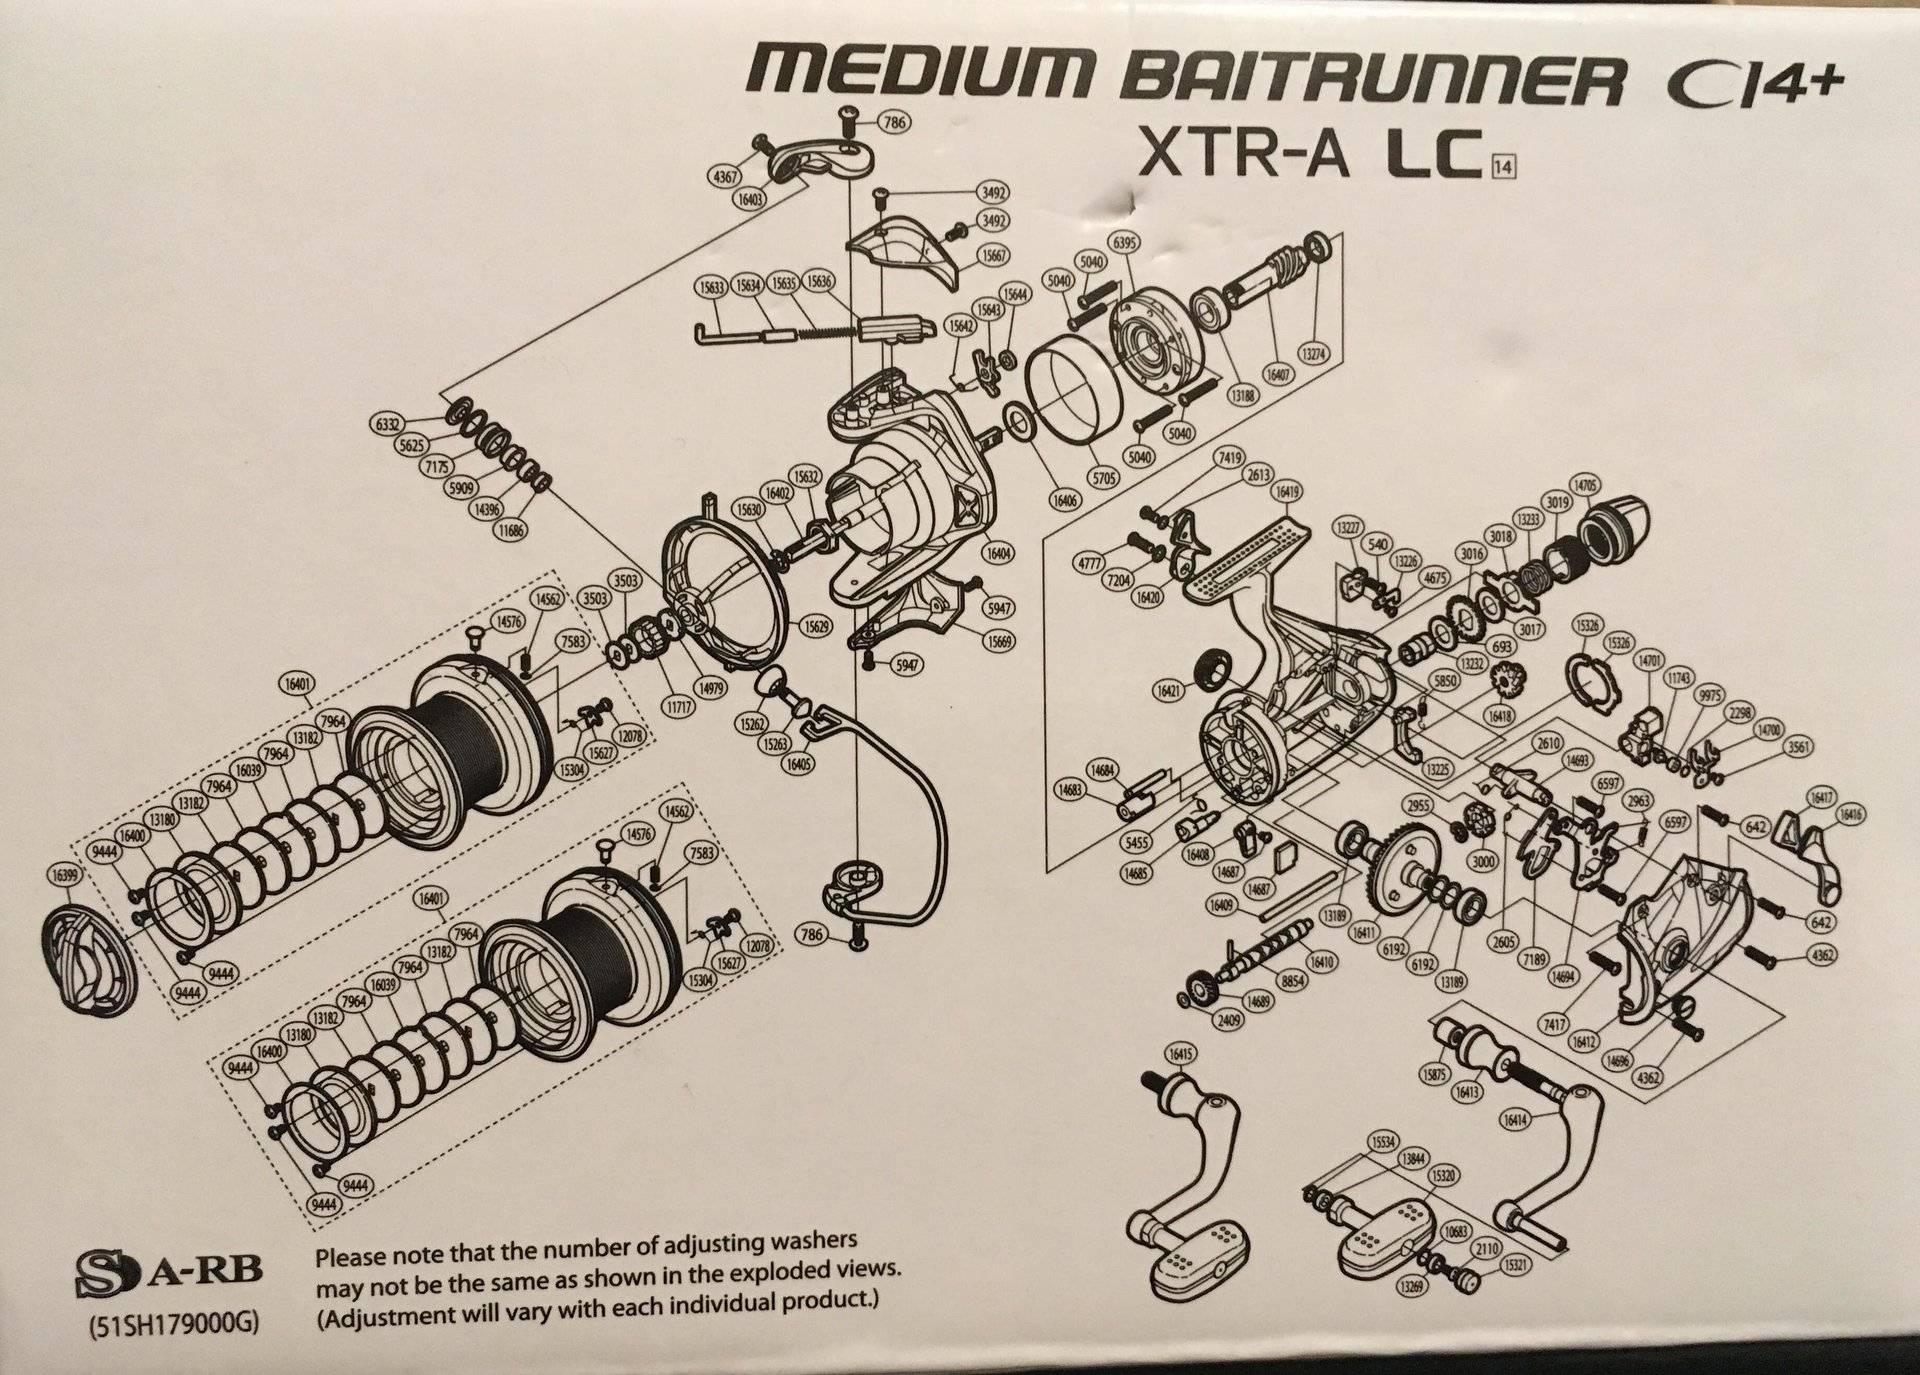 For Sale - Shimano Medium Baitrunner CI4+ XTR A Longcast, Baitrunner Reel  (used once) | Bloodydecks